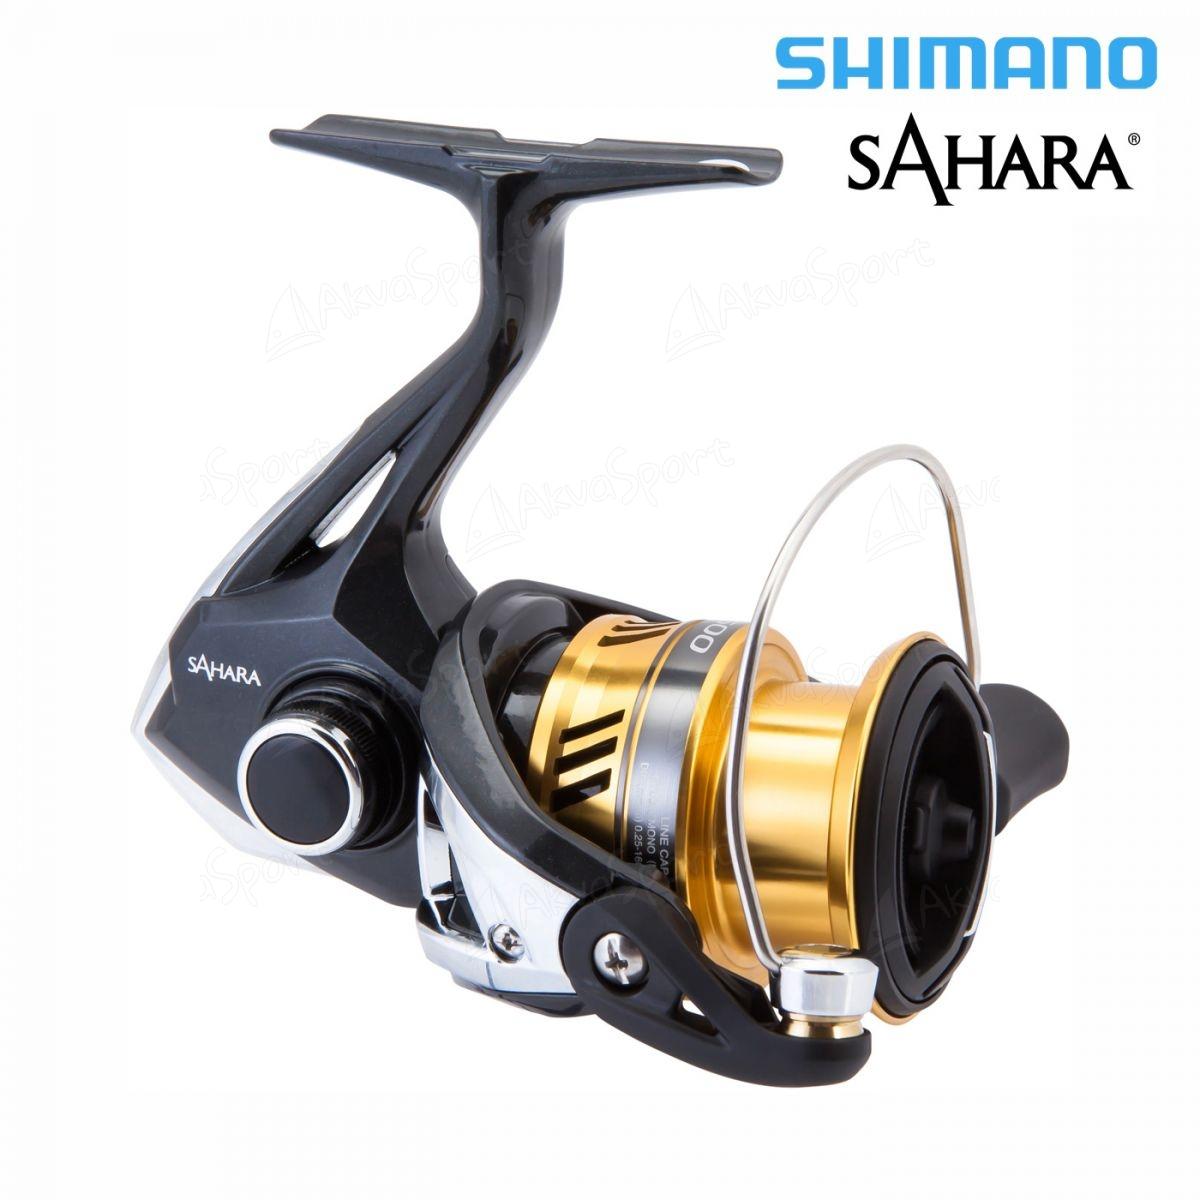 f4d6e27714d Shimano Sahara 4000 XG FI | AkvaSport.com